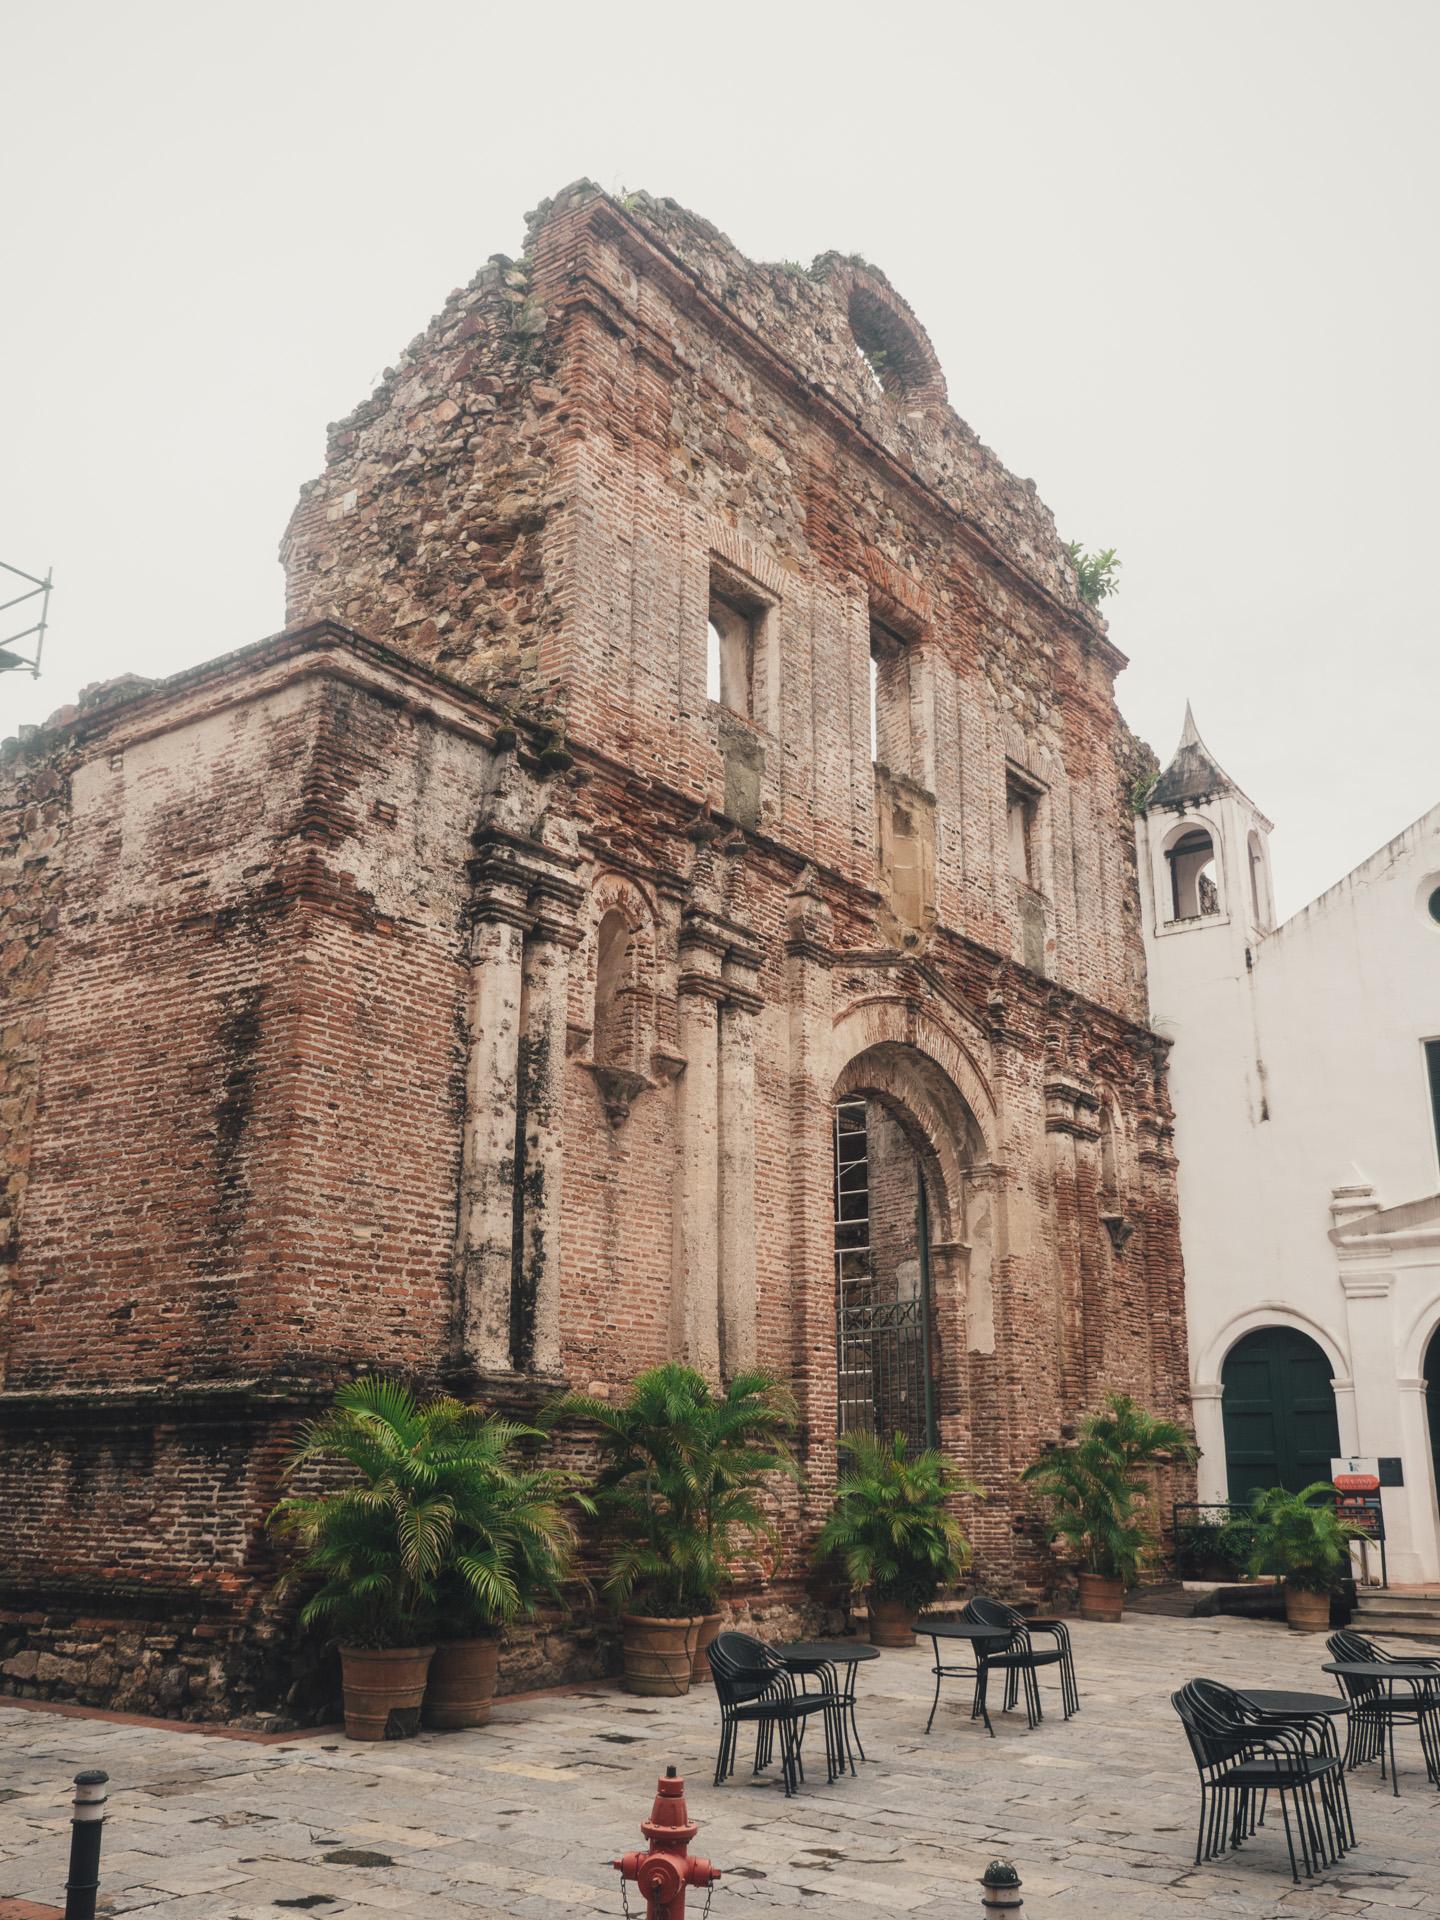 Ruin in Casco Viejo